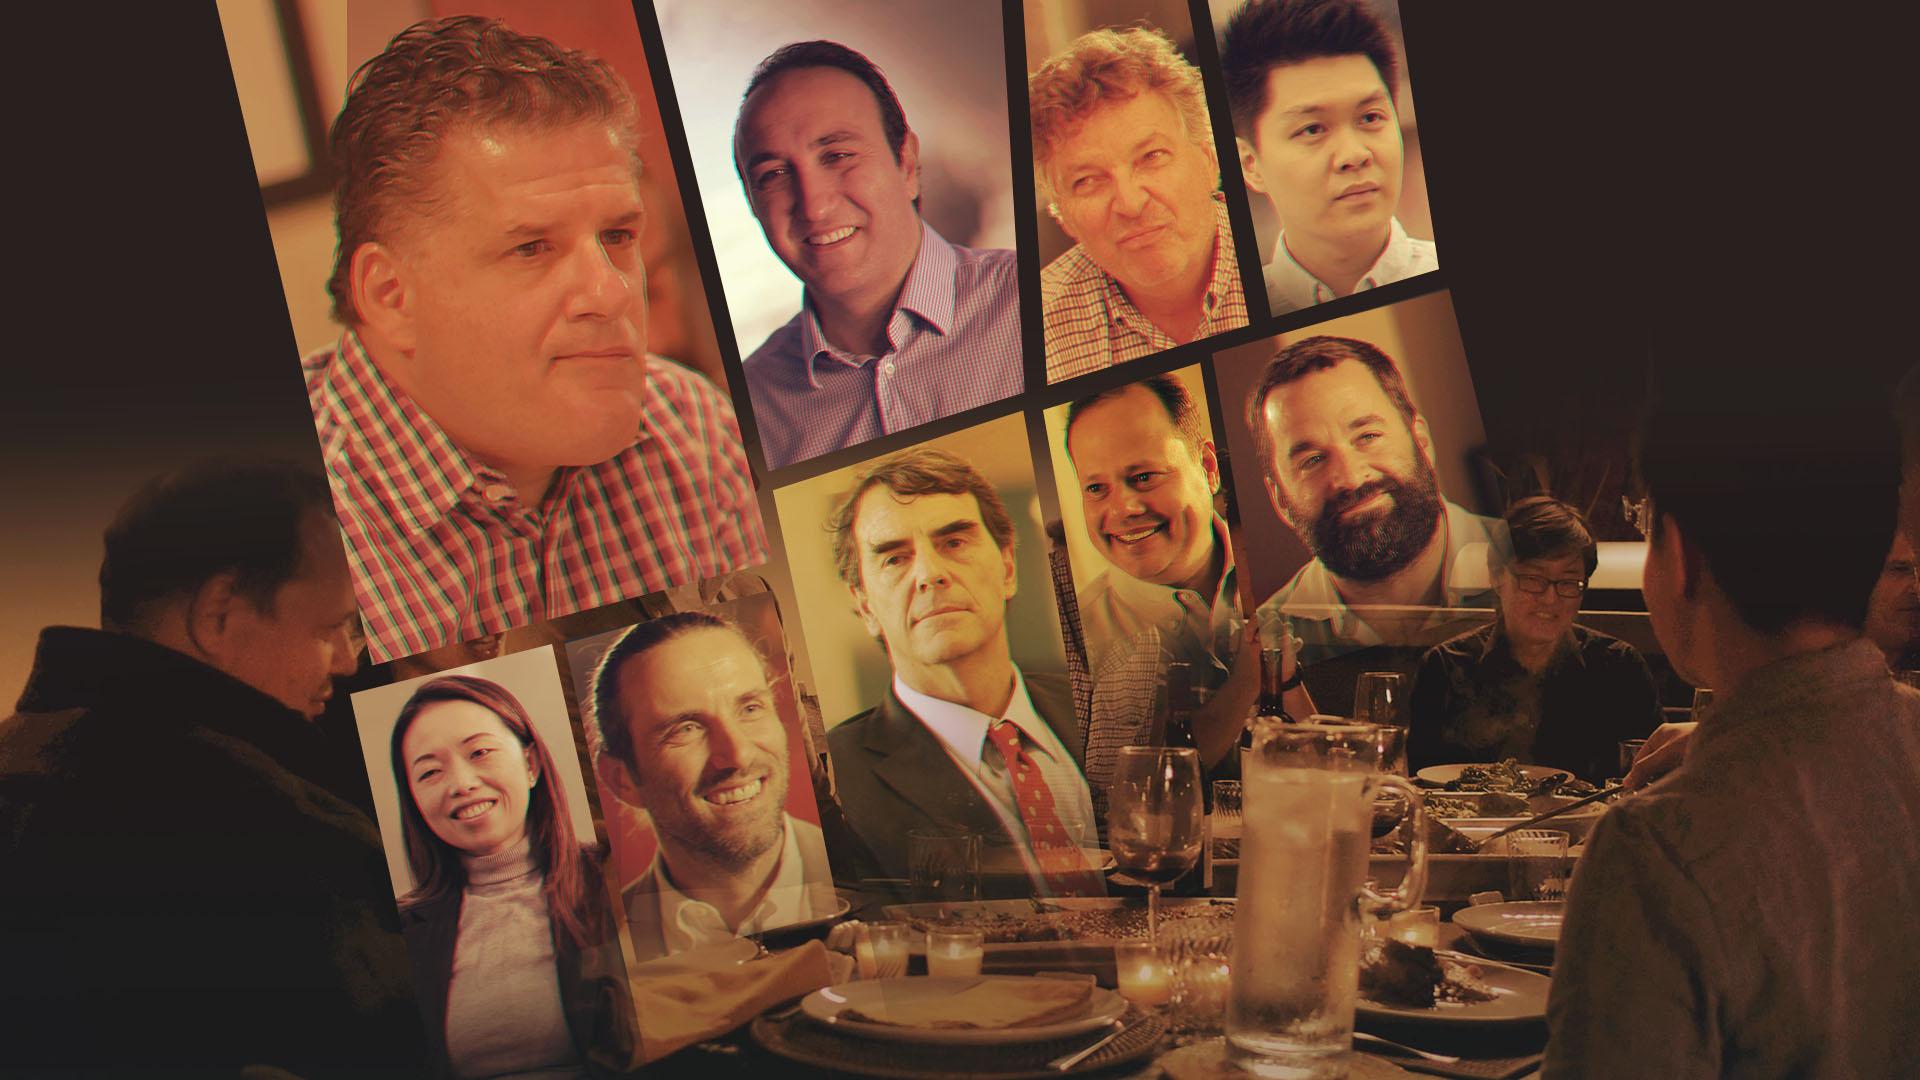 Starving: nova série do meuSucesso.com sobre empreendedores experientes do Vale do Silício.